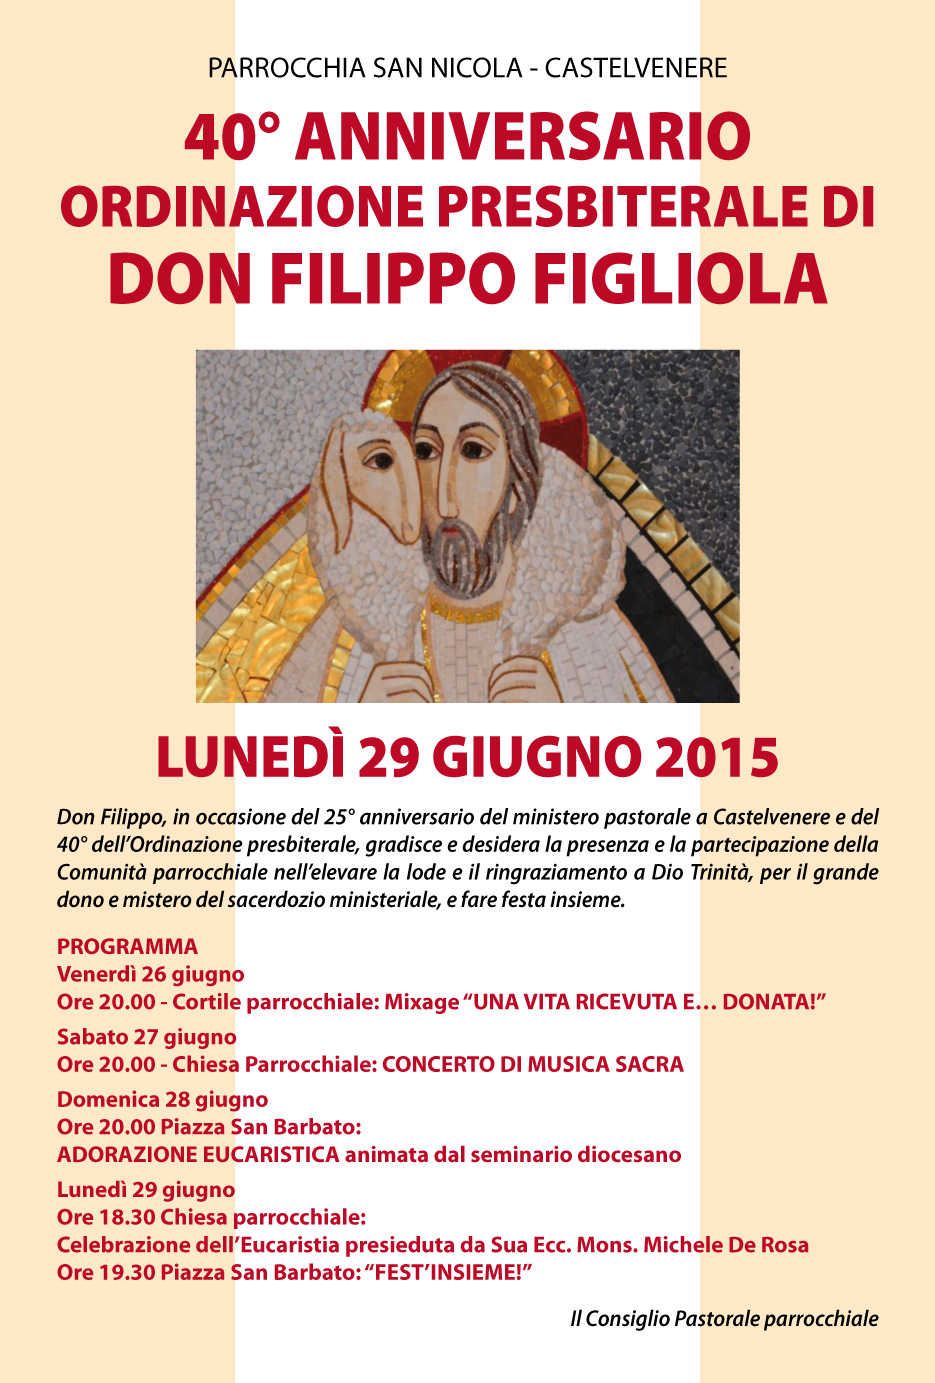 40° Anniversario Ordinazione Presbiterale di don Filippo Figliola